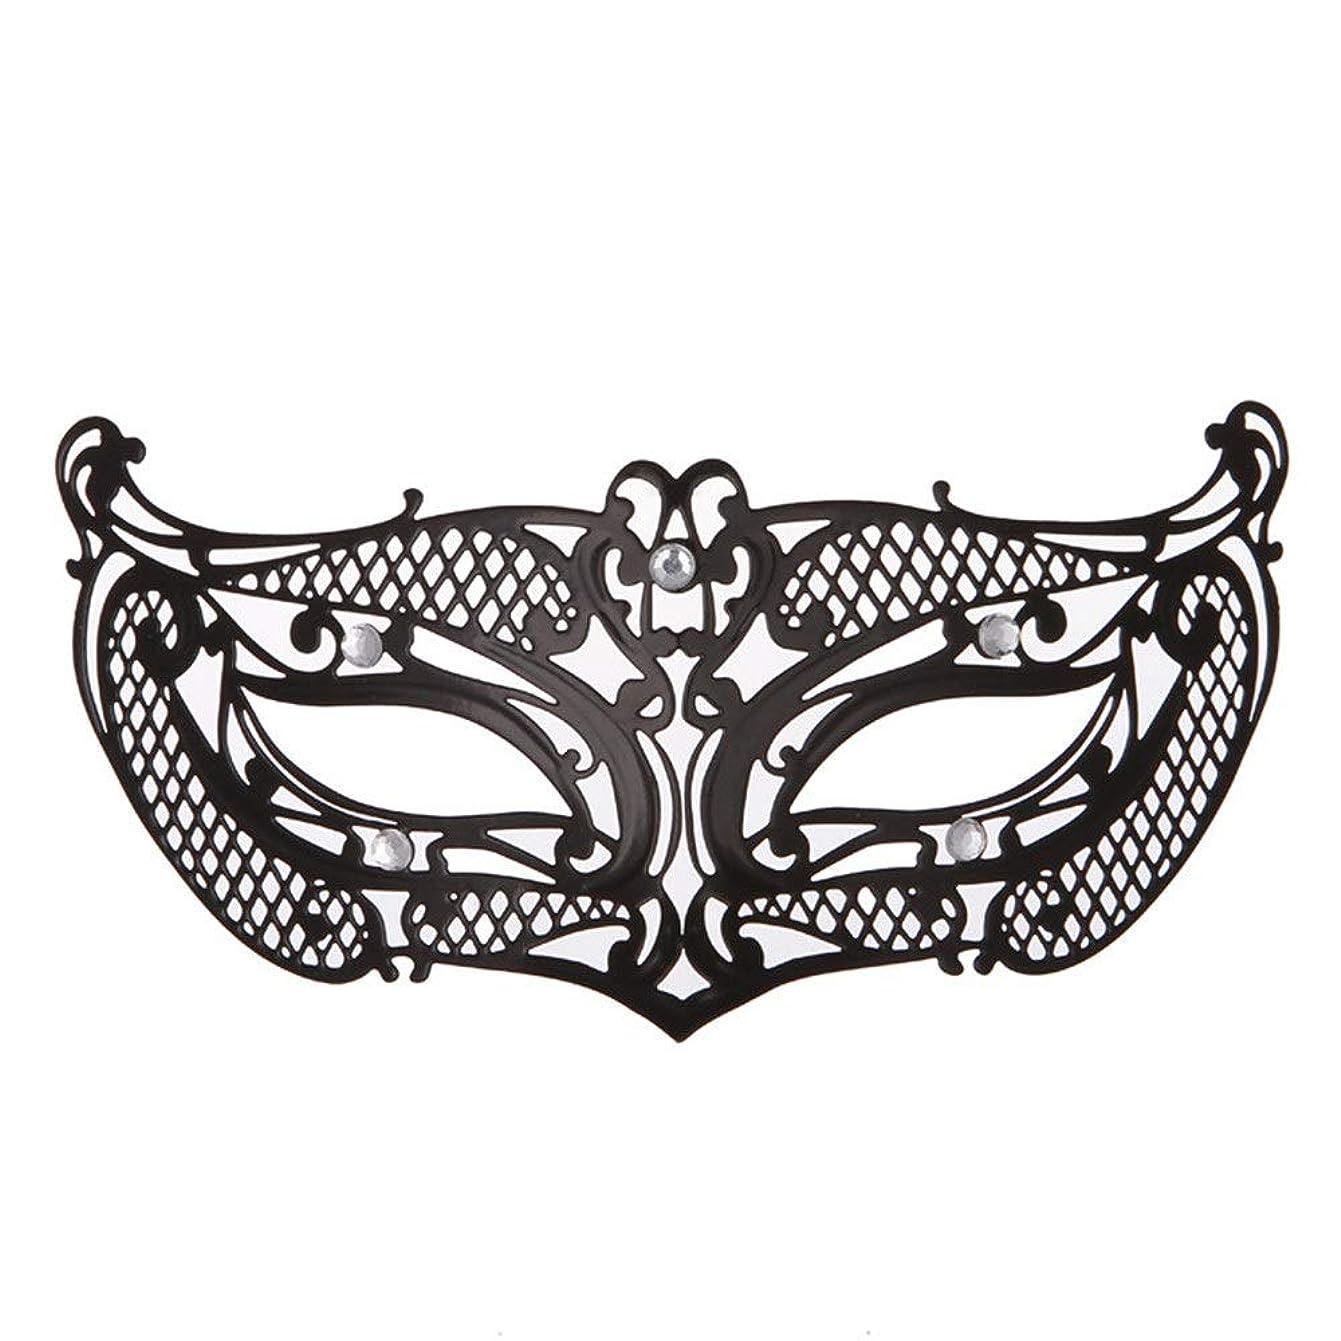 付添人アヒル下手ダンスマスク アイアンメタリックレースとダイヤモンドハーフマスクハロウィンダンスマスクナイトクラブボールマスクコスプレパーティーハロウィンマスク ホリデーパーティー用品 (色 : ブラック, サイズ : 19x8cm)